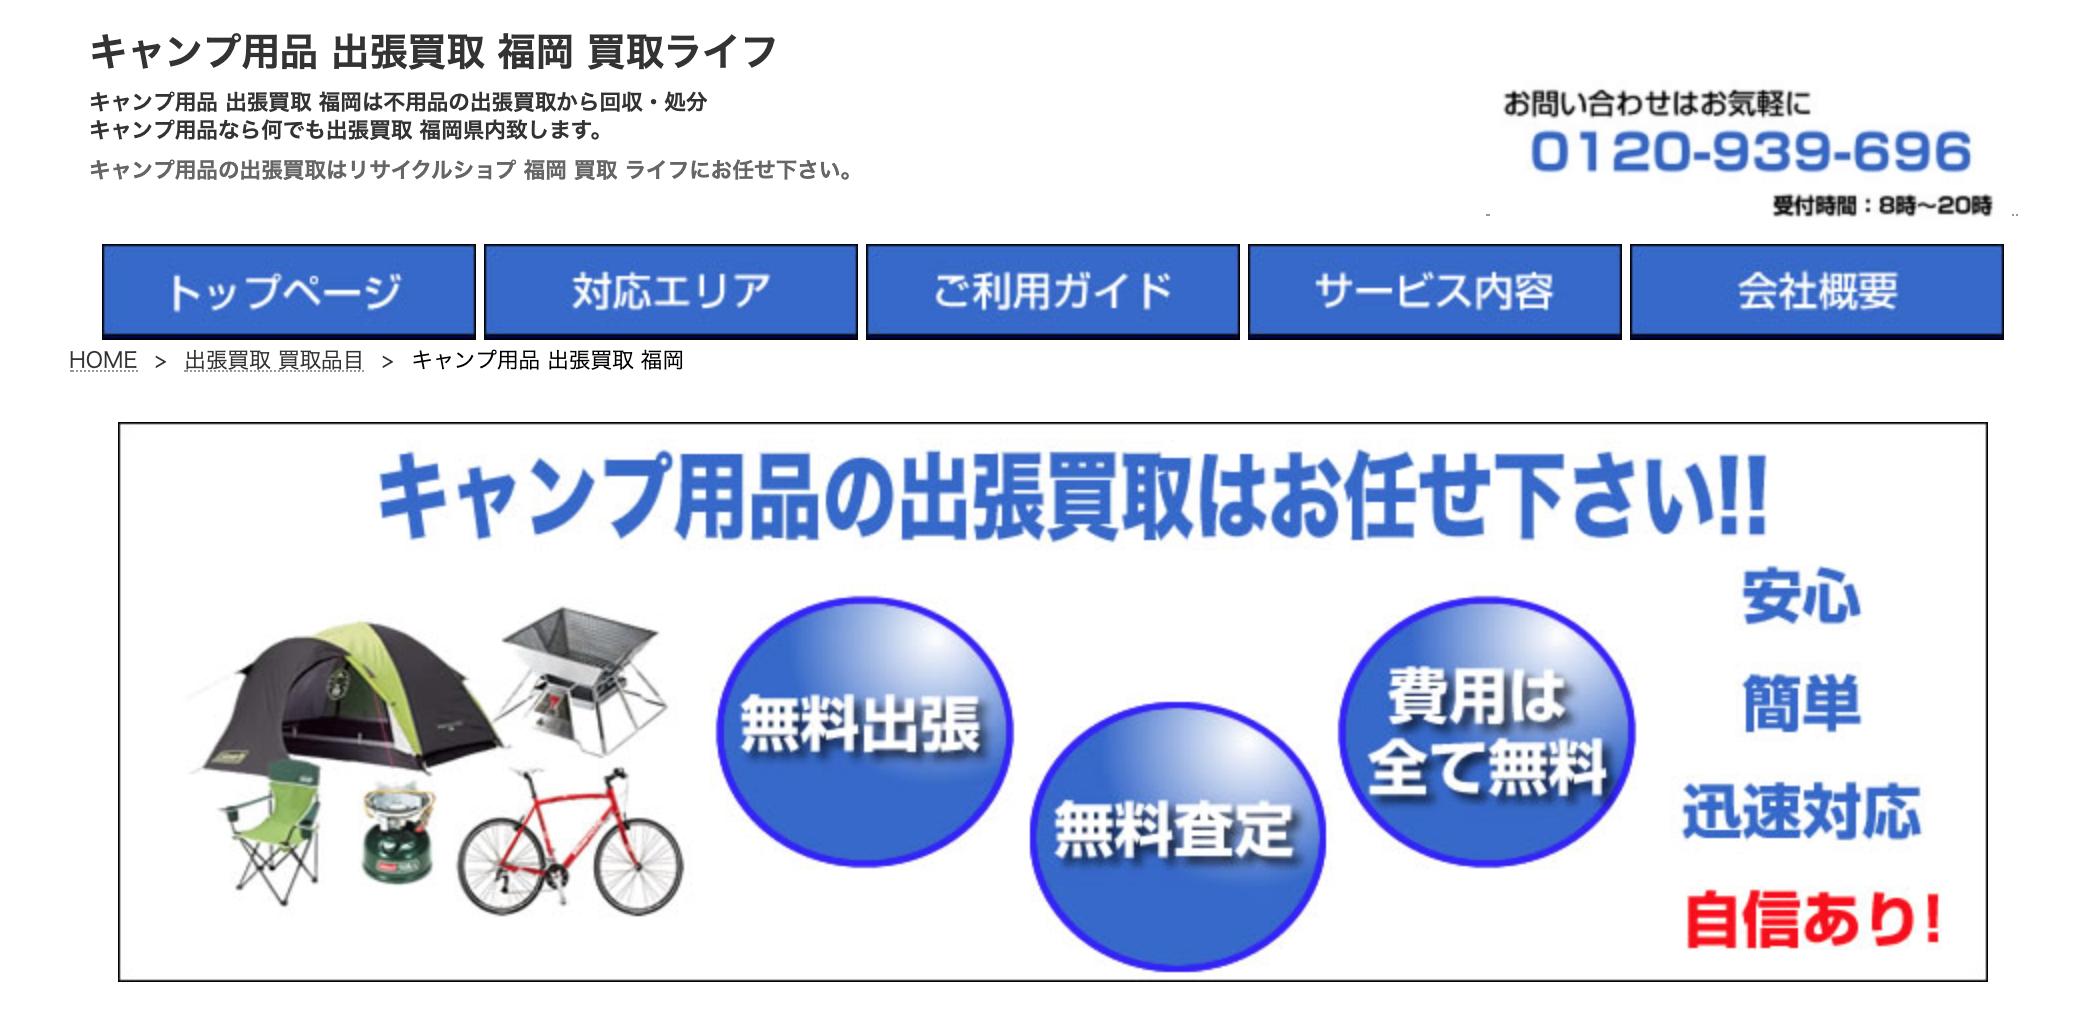 リサイクルショップ 福岡買取ライフ